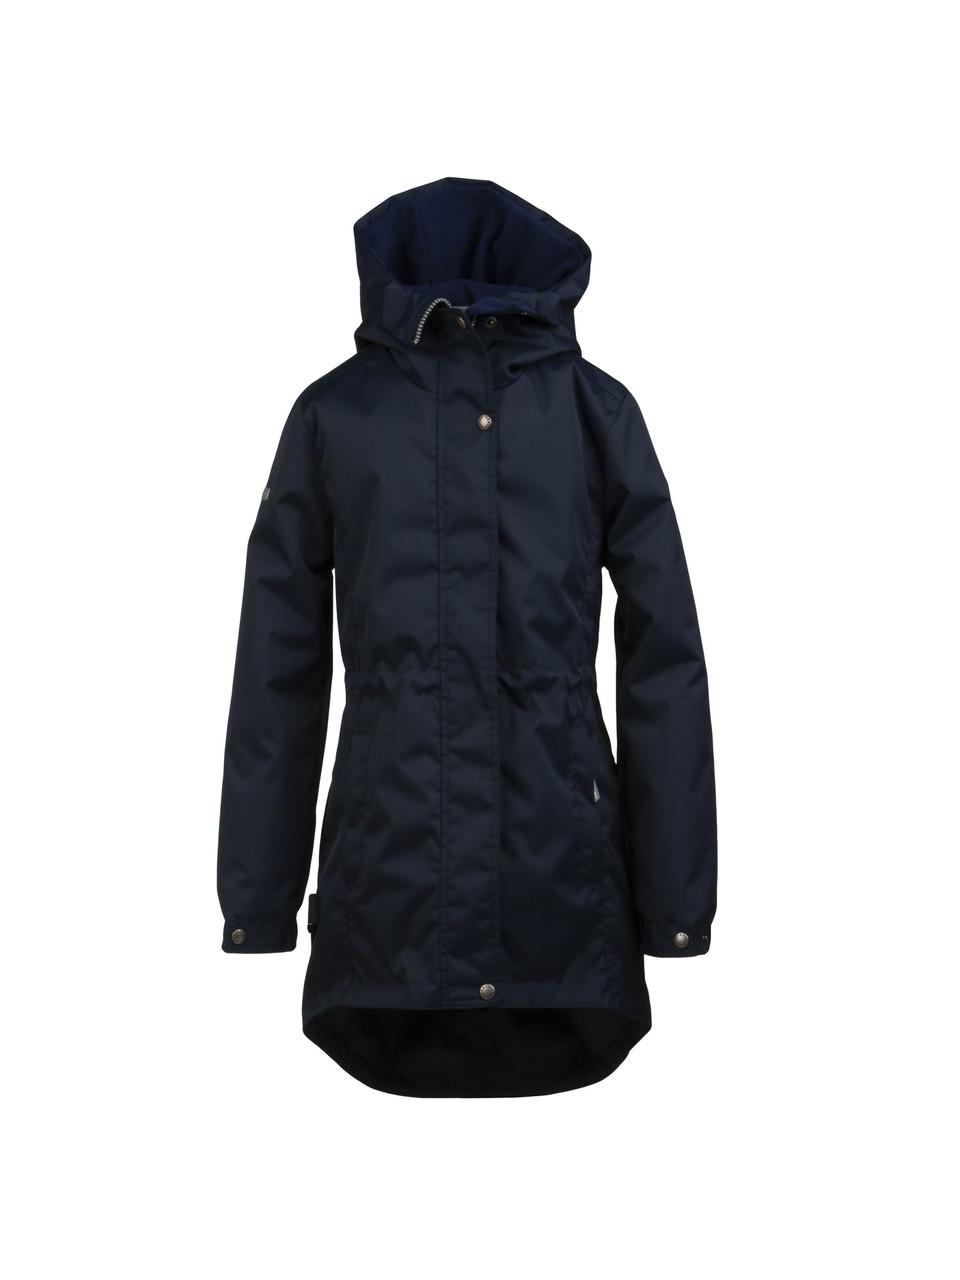 Kуртка-парка для девочек Kerry FANNY